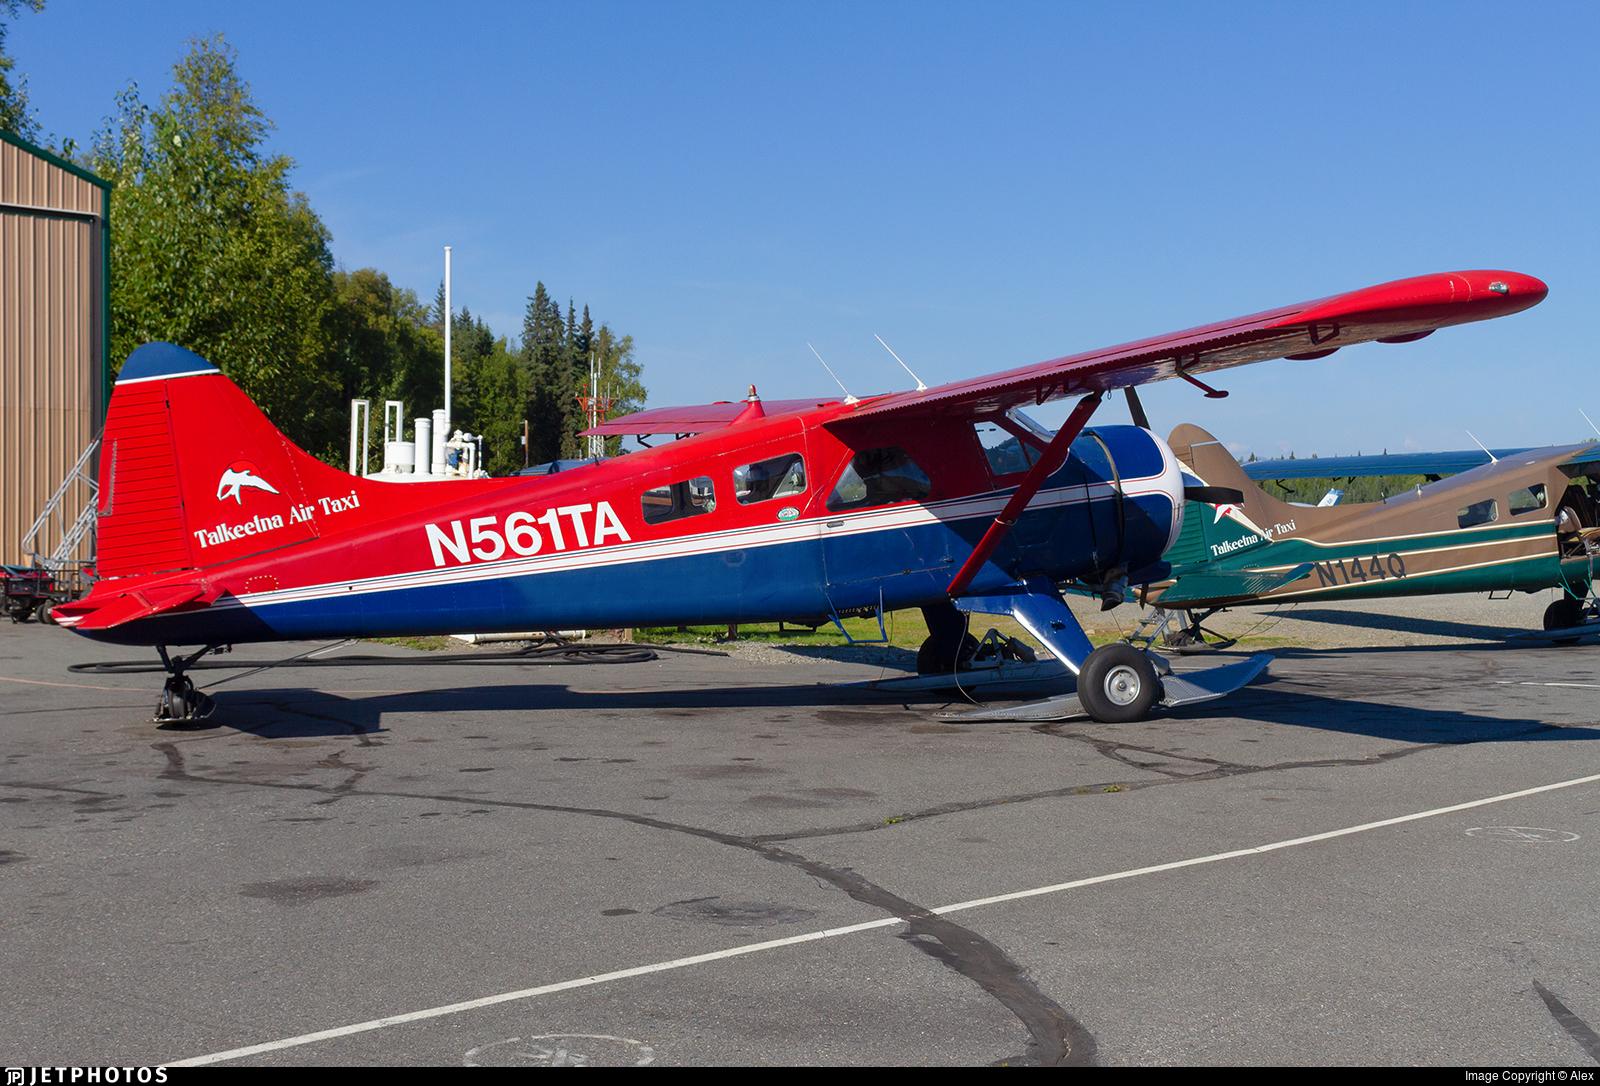 N561TA - De Havilland Canada DHC-2 Mk.I Beaver - Talkeetna Air Taxi